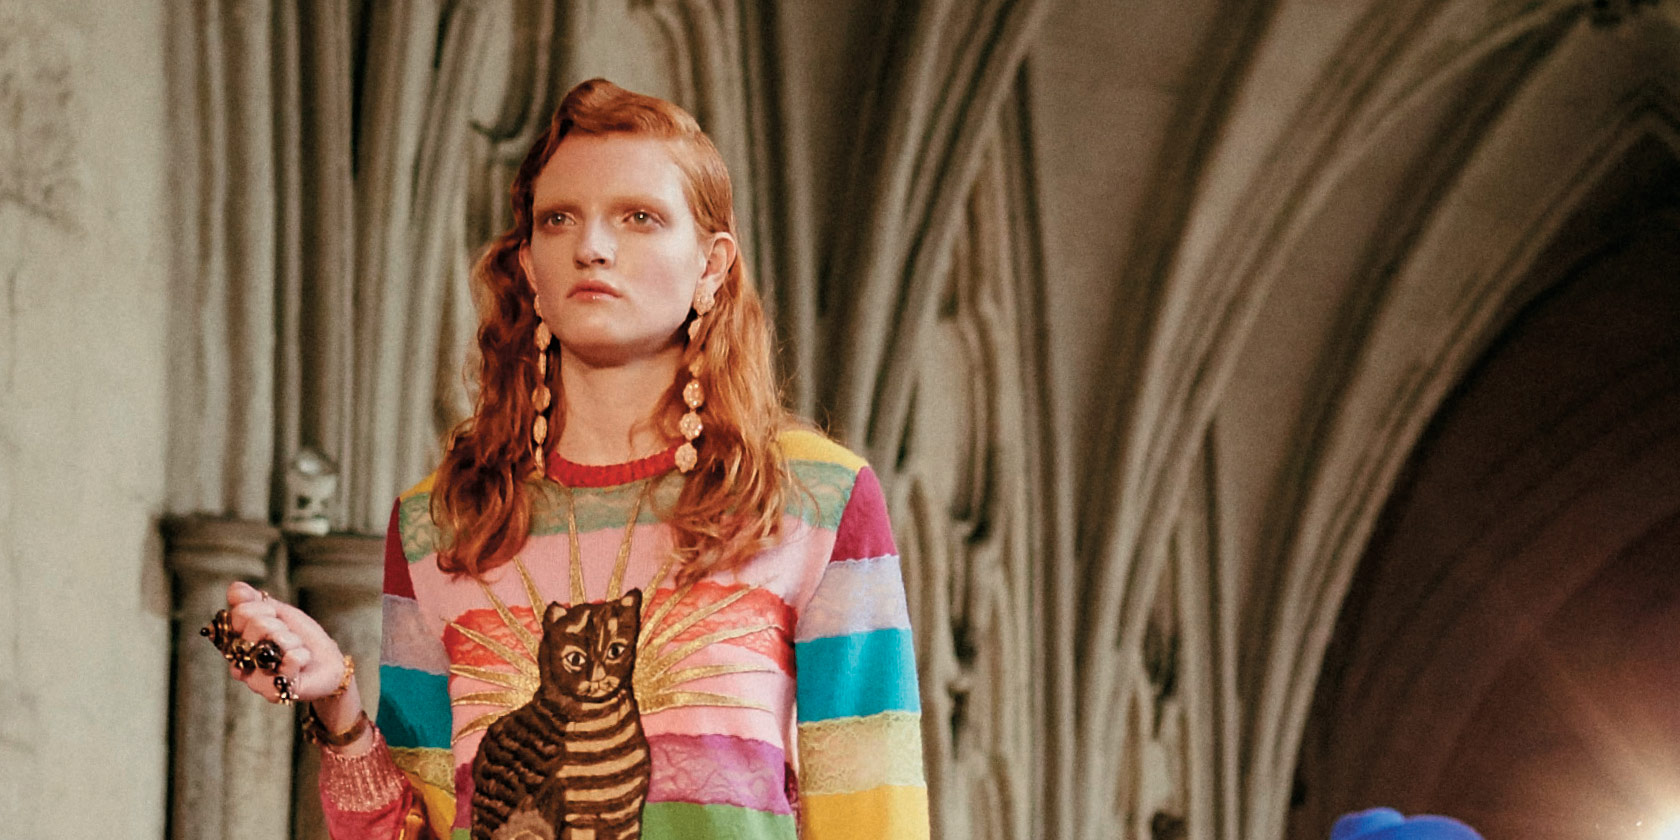 2017 구찌 크루즈 컬렉션은 영국의 유서 깊은 유산, 웨스트민스터 사원으로 향했다. 알레산드로 미켈레가 보내는 영국을 위한 한 편의 서정시와 함께.